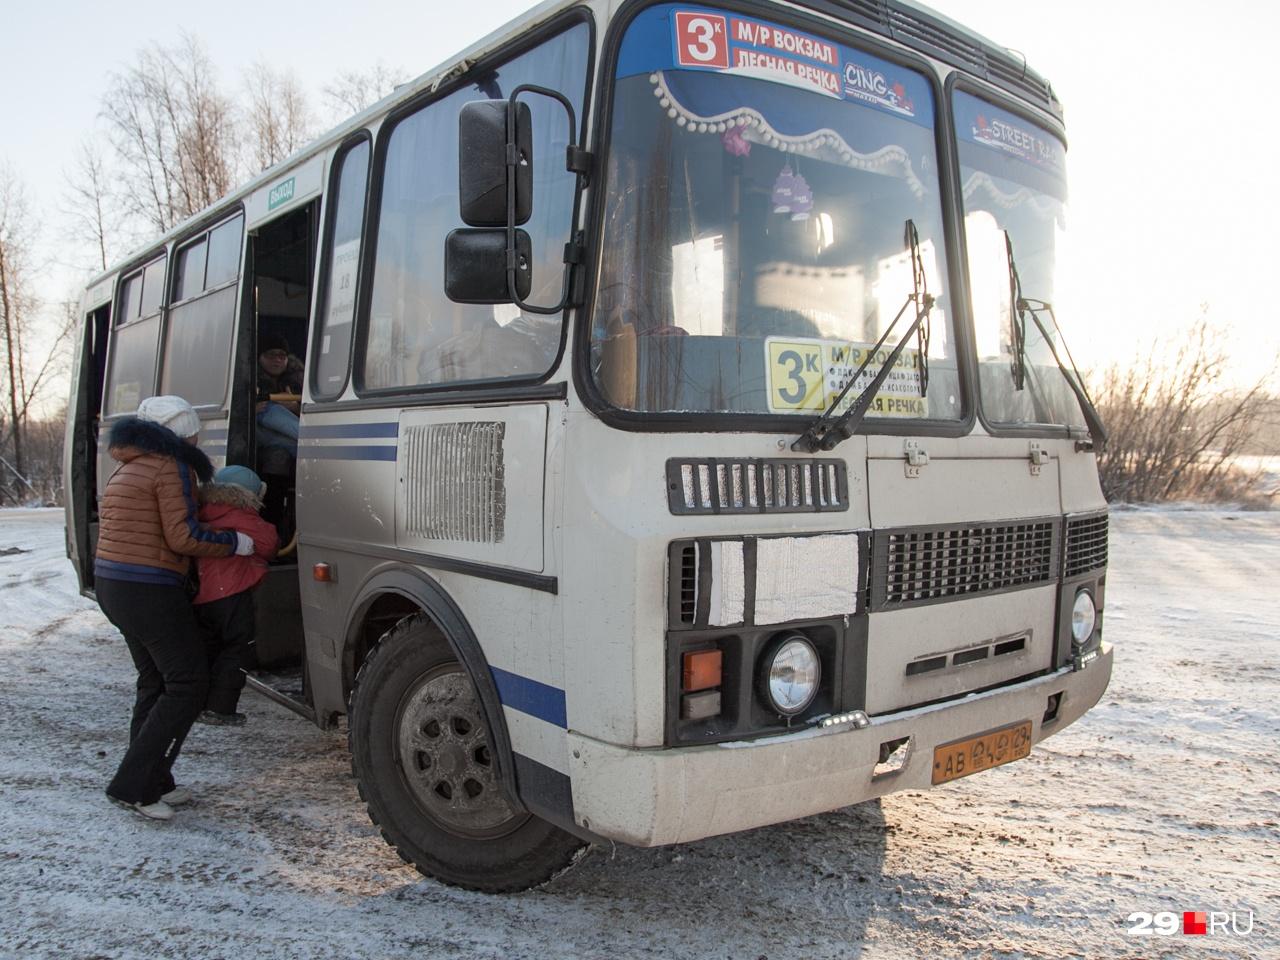 Такие пазики всё еще ездят по улицам Архангельска. Много их осталось на тех маршрутах, которые везут людей на окраины города